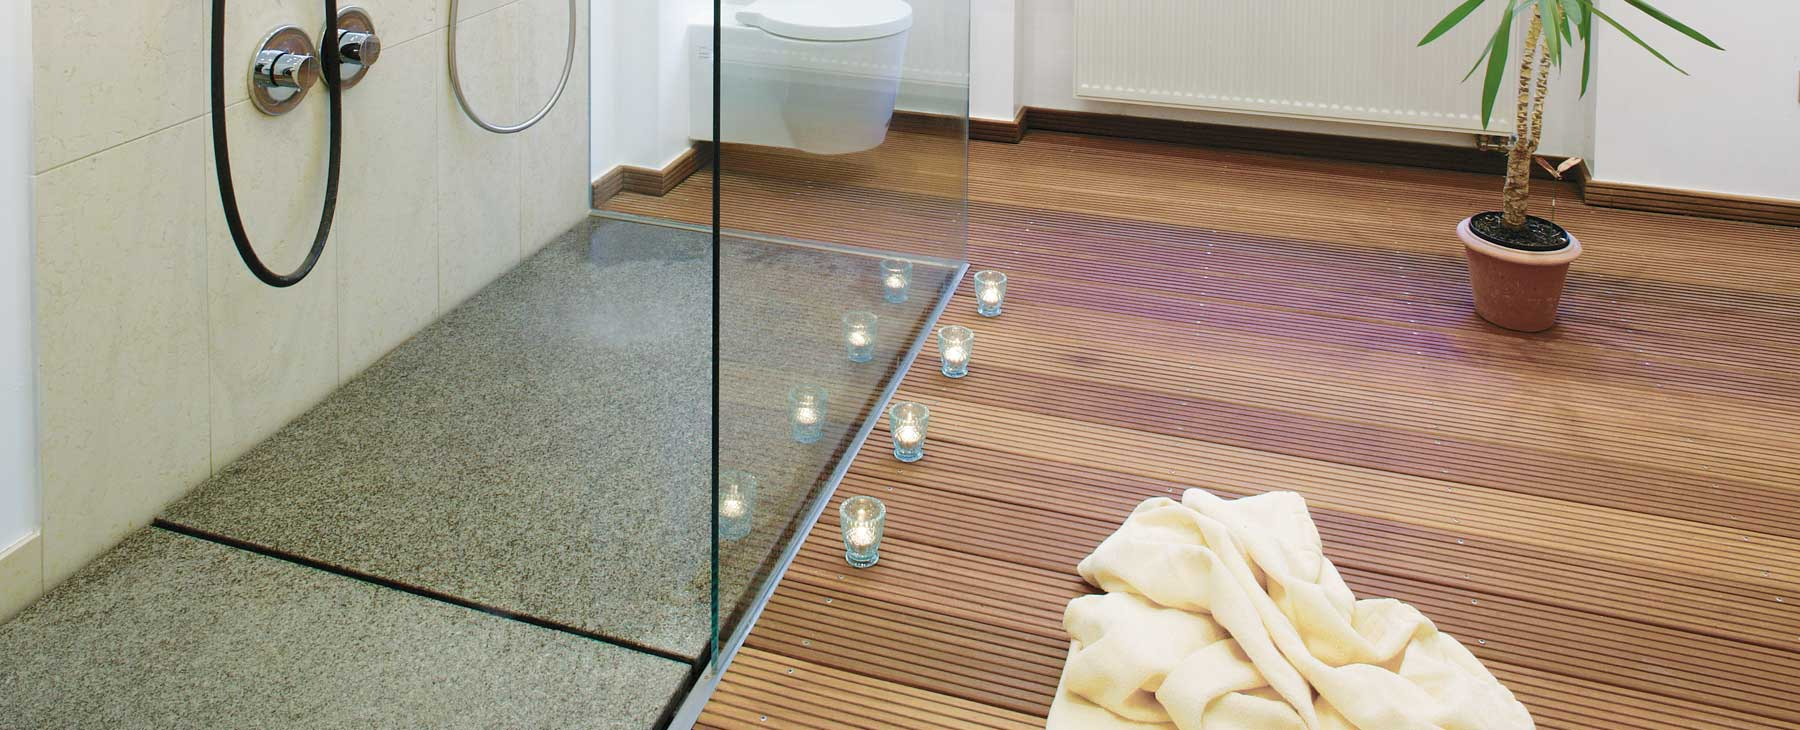 Full Size of Bodengleiche Duschen 10 Top Duschideen Baqua Hüppe Dusche Unterputz Armatur Glaswand Komplett Set Badewanne Begehbare Einhebelmischer Haltegriff Ebenerdig Dusche Begehbare Dusche